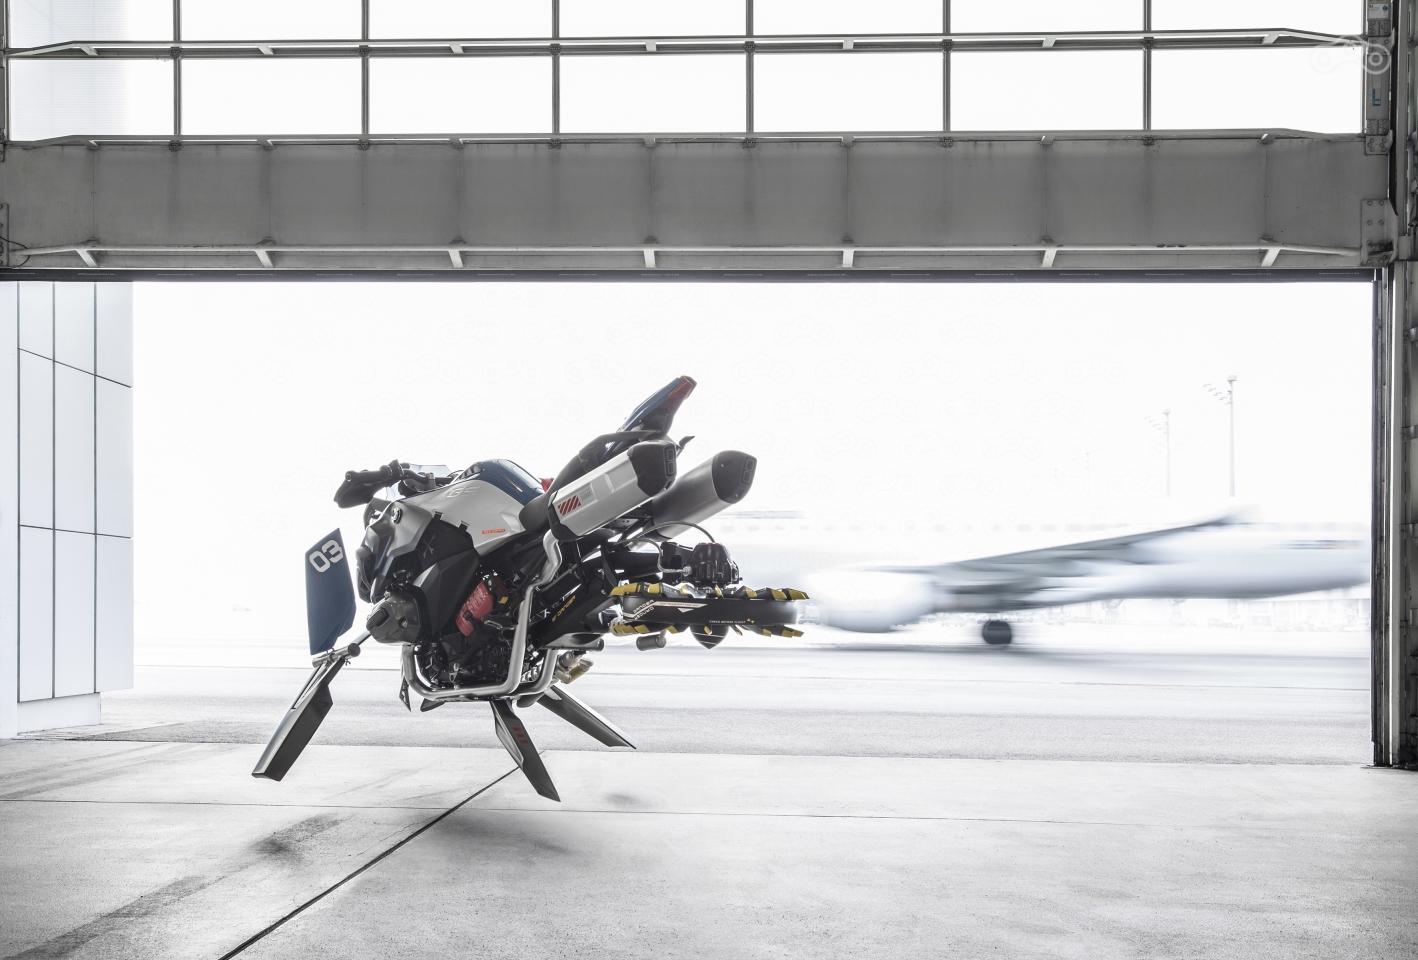 отношения летающий мотоцикл картинки полчаса